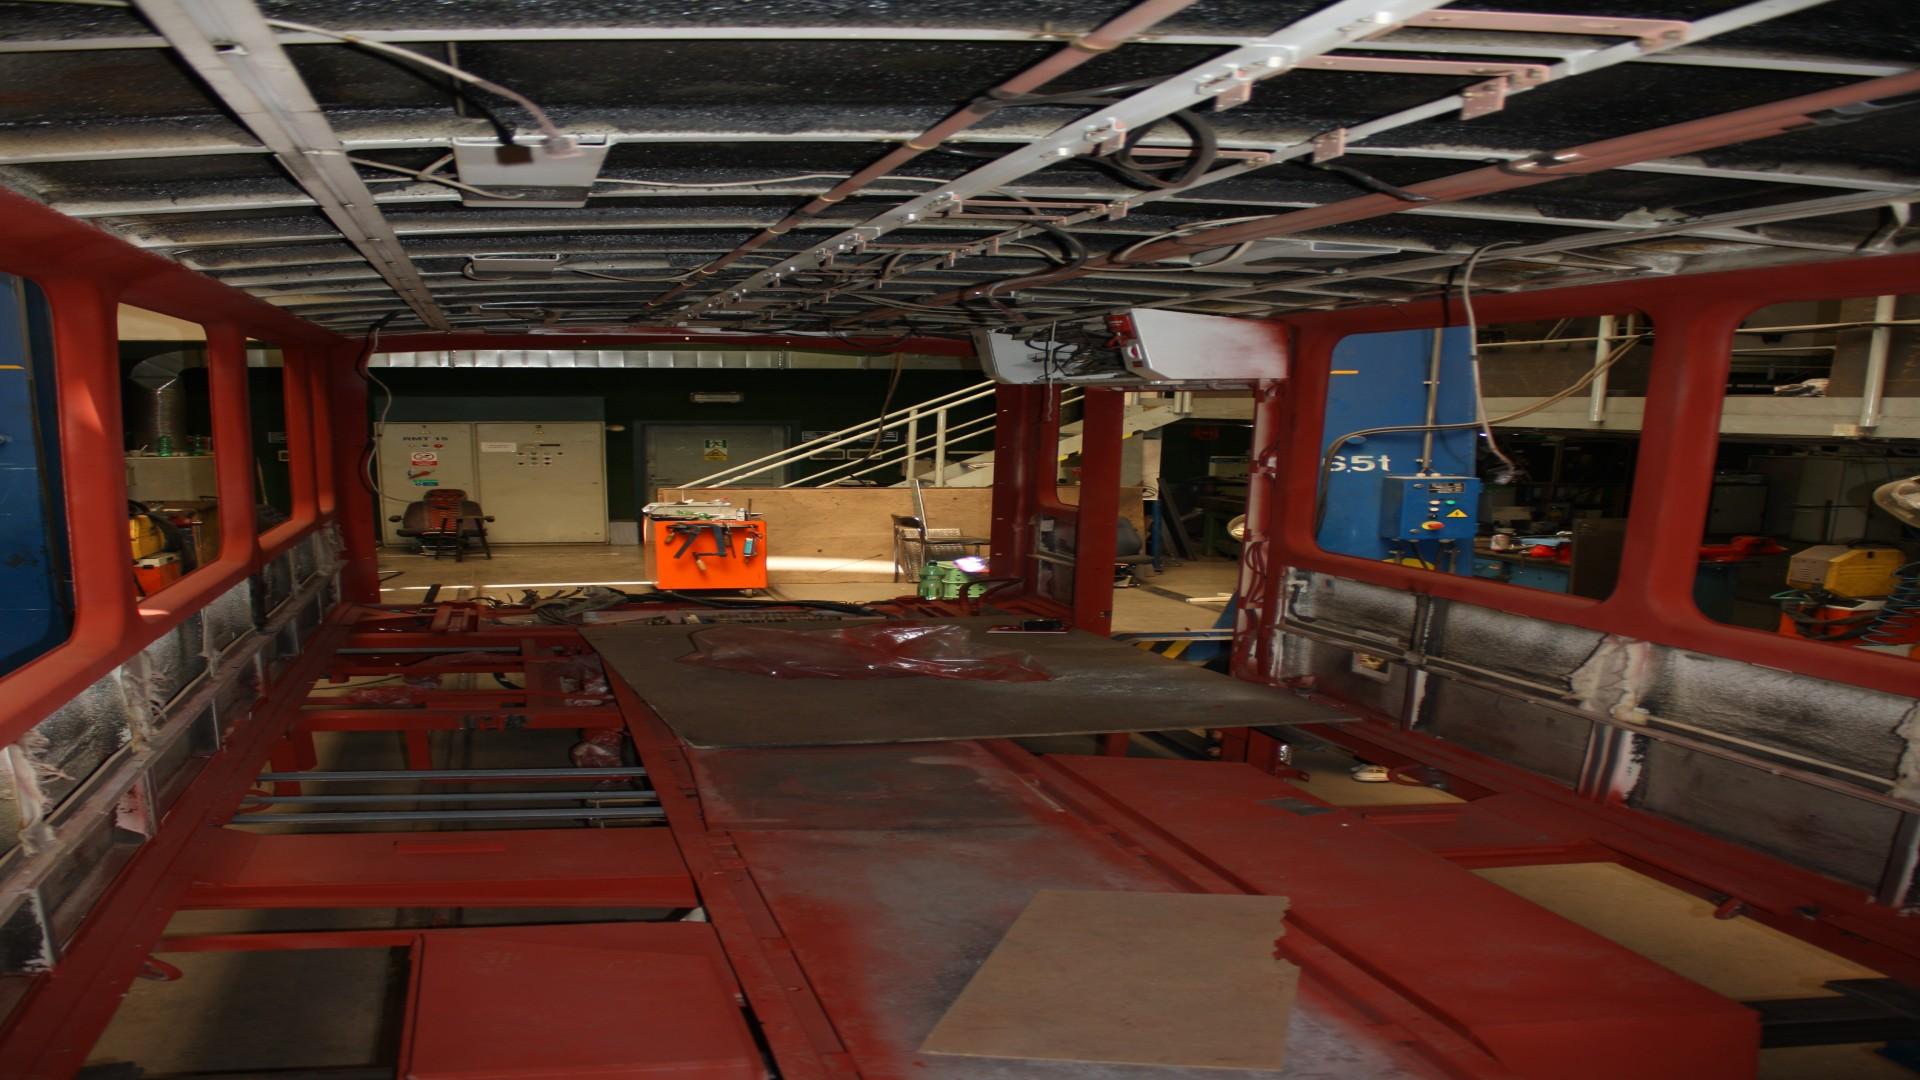 Tatrawagenteil wird in Werkstatt instandgesetzt, © ViP